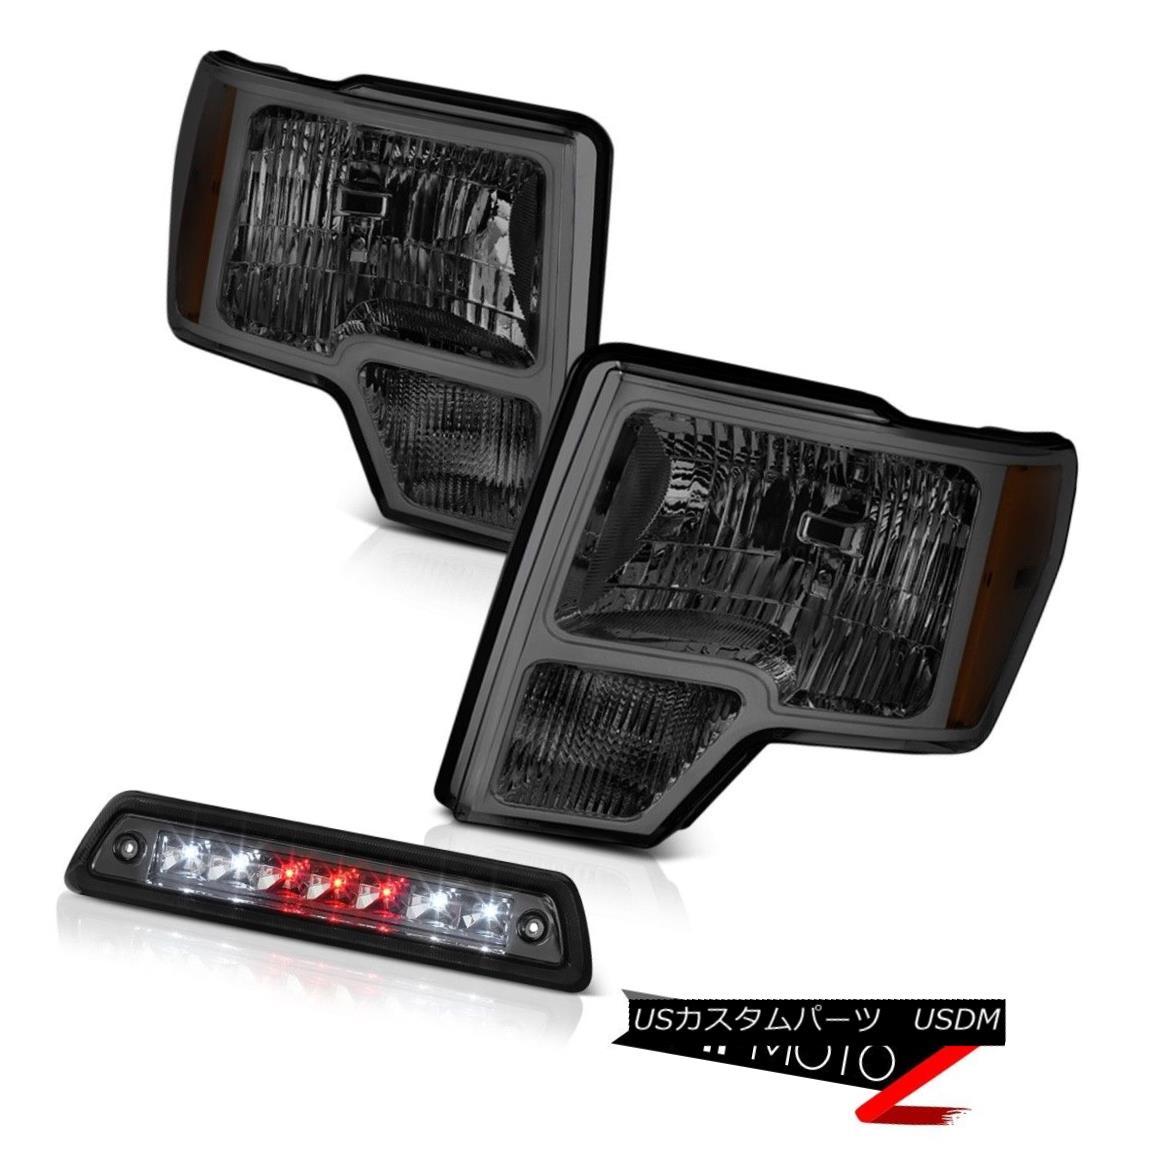 テールライト 09-14 F150 LARIAT Smokey 3rd brake lamp headlights LED Factory Style Assembly 09-14 F150 LARIATスモーキー第3ブレーキランプヘッドライトLEDファクトリースタイルアセンブリ